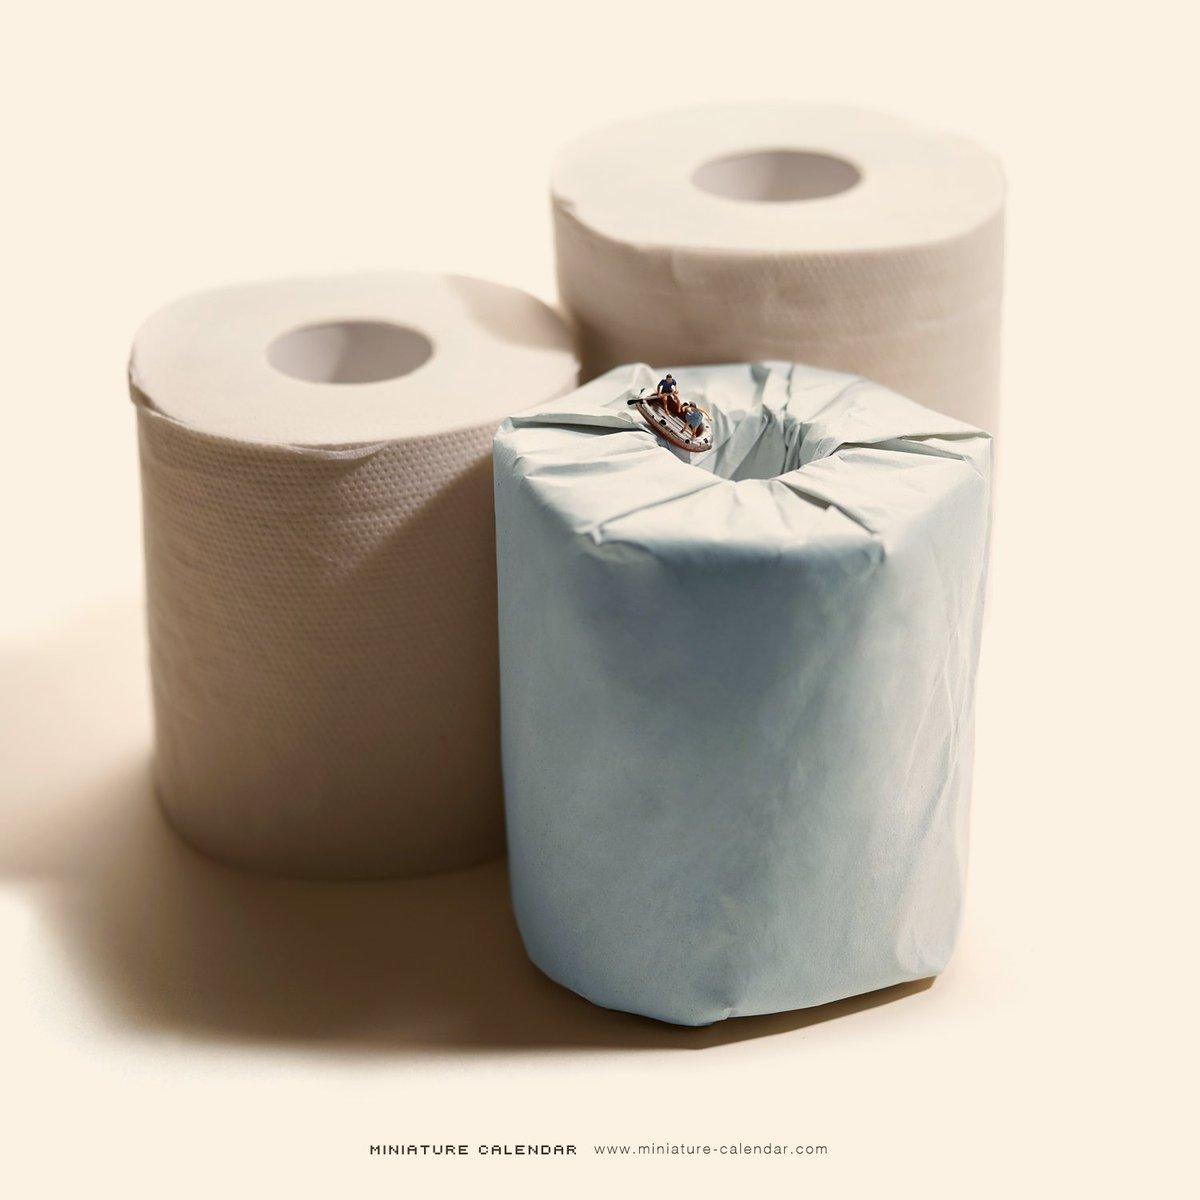 トイレの紙が無イアガラ